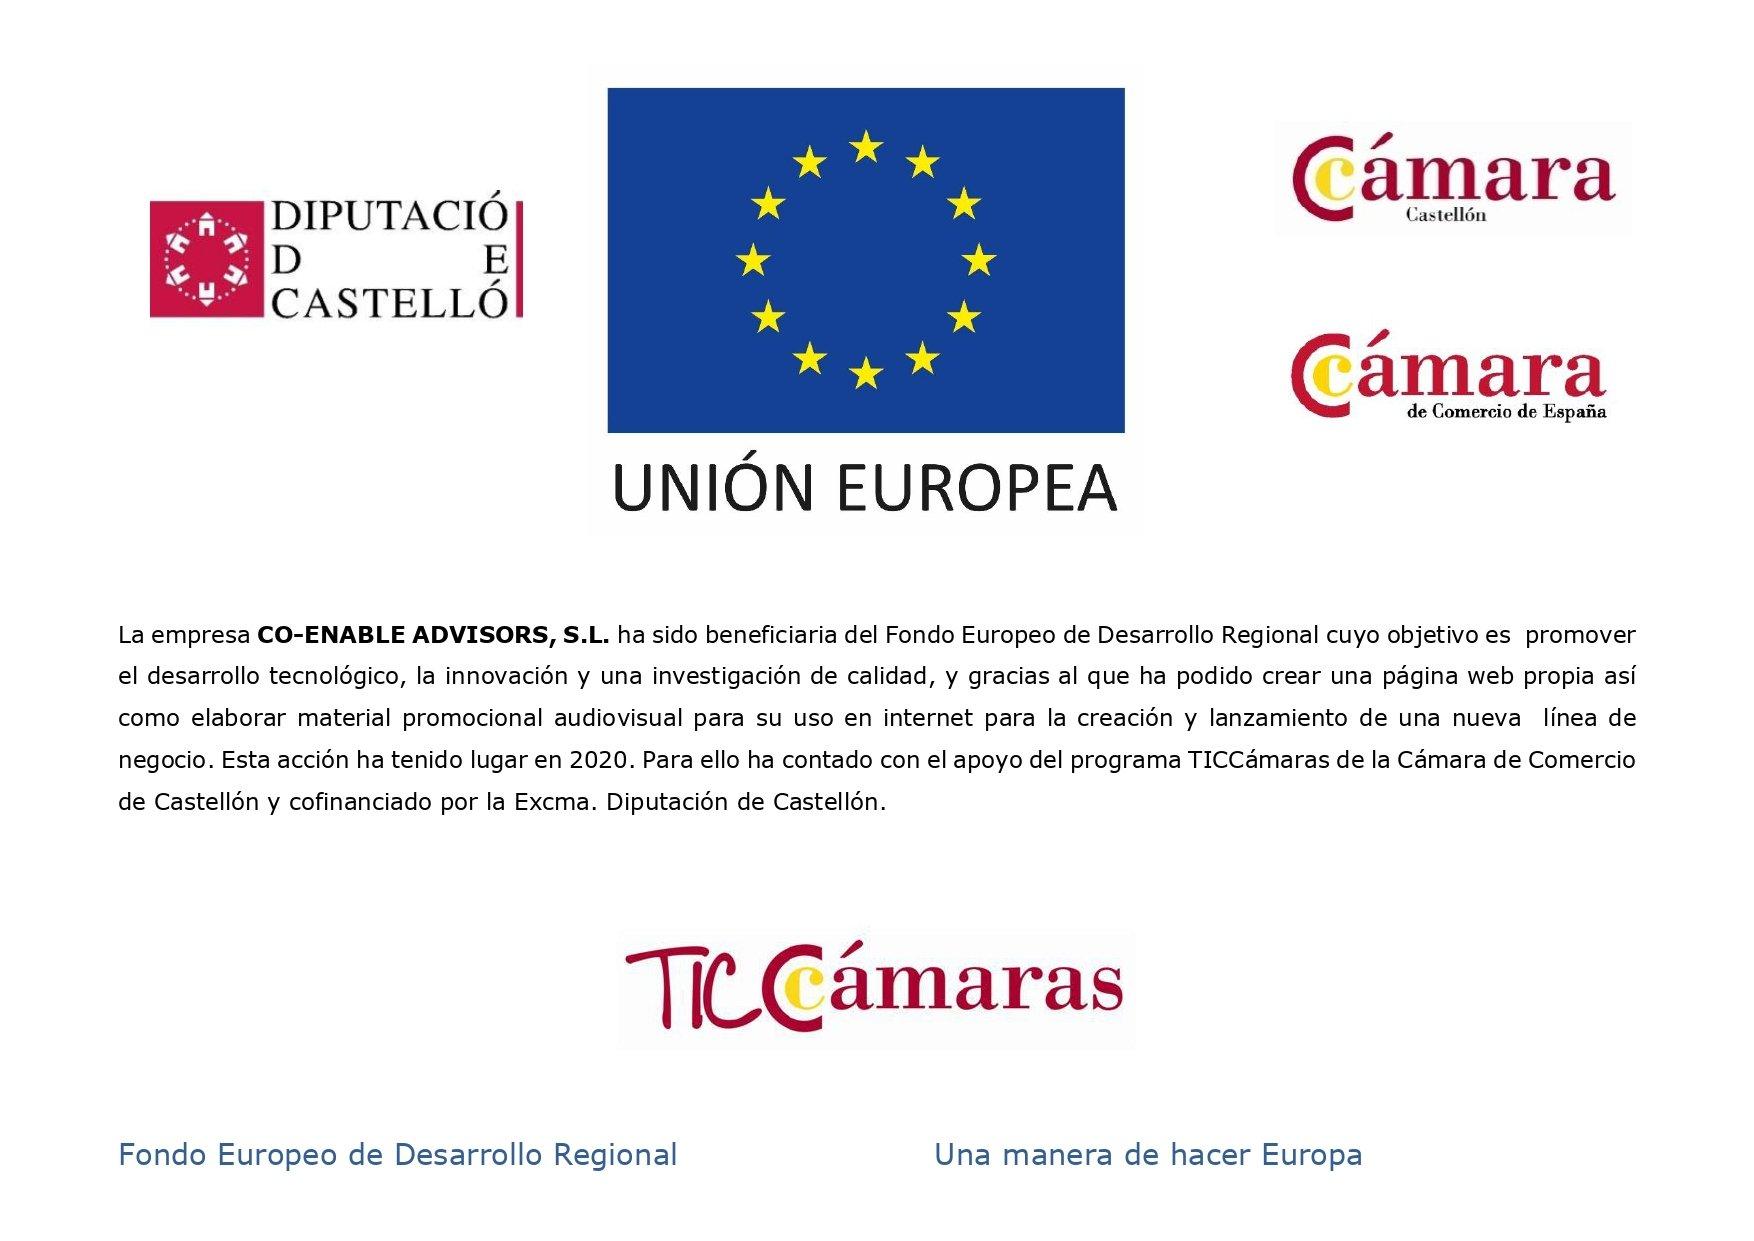 Co enable consultora estratégica beneficiaria TICCAMARAS